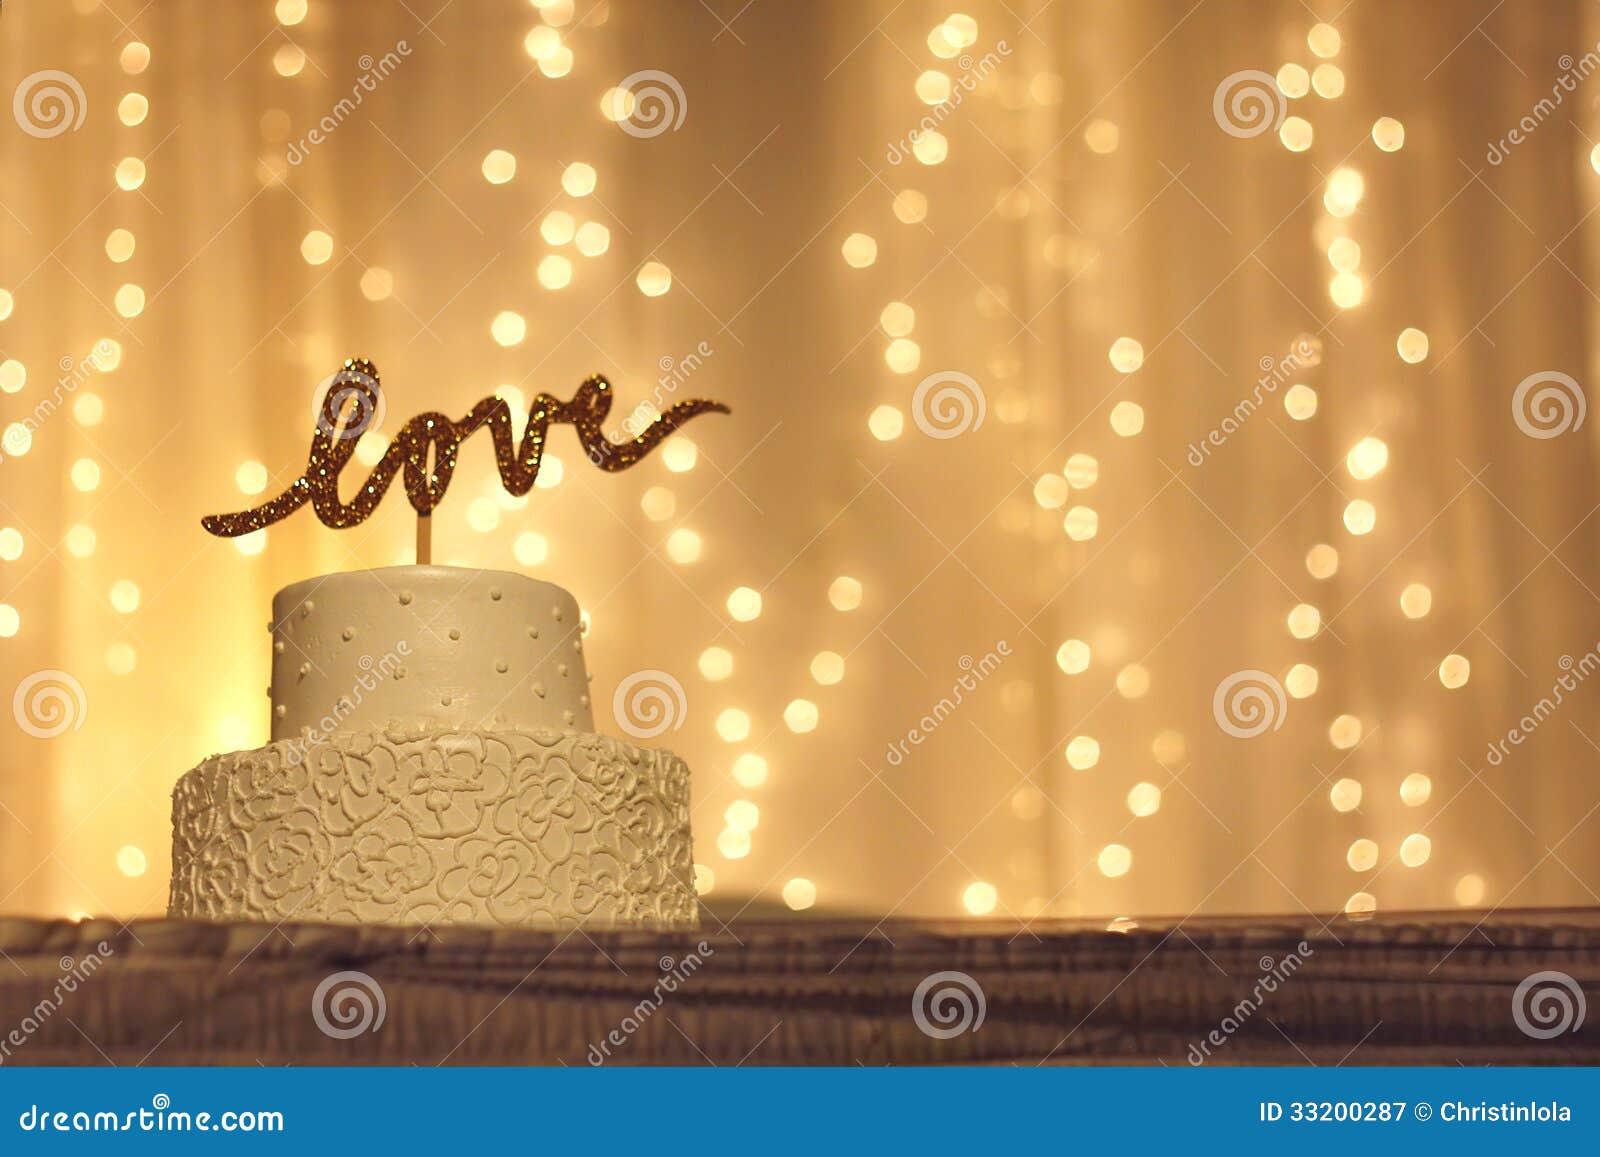 Bröllopstårta med FÖRÄLSKELSEtopperen